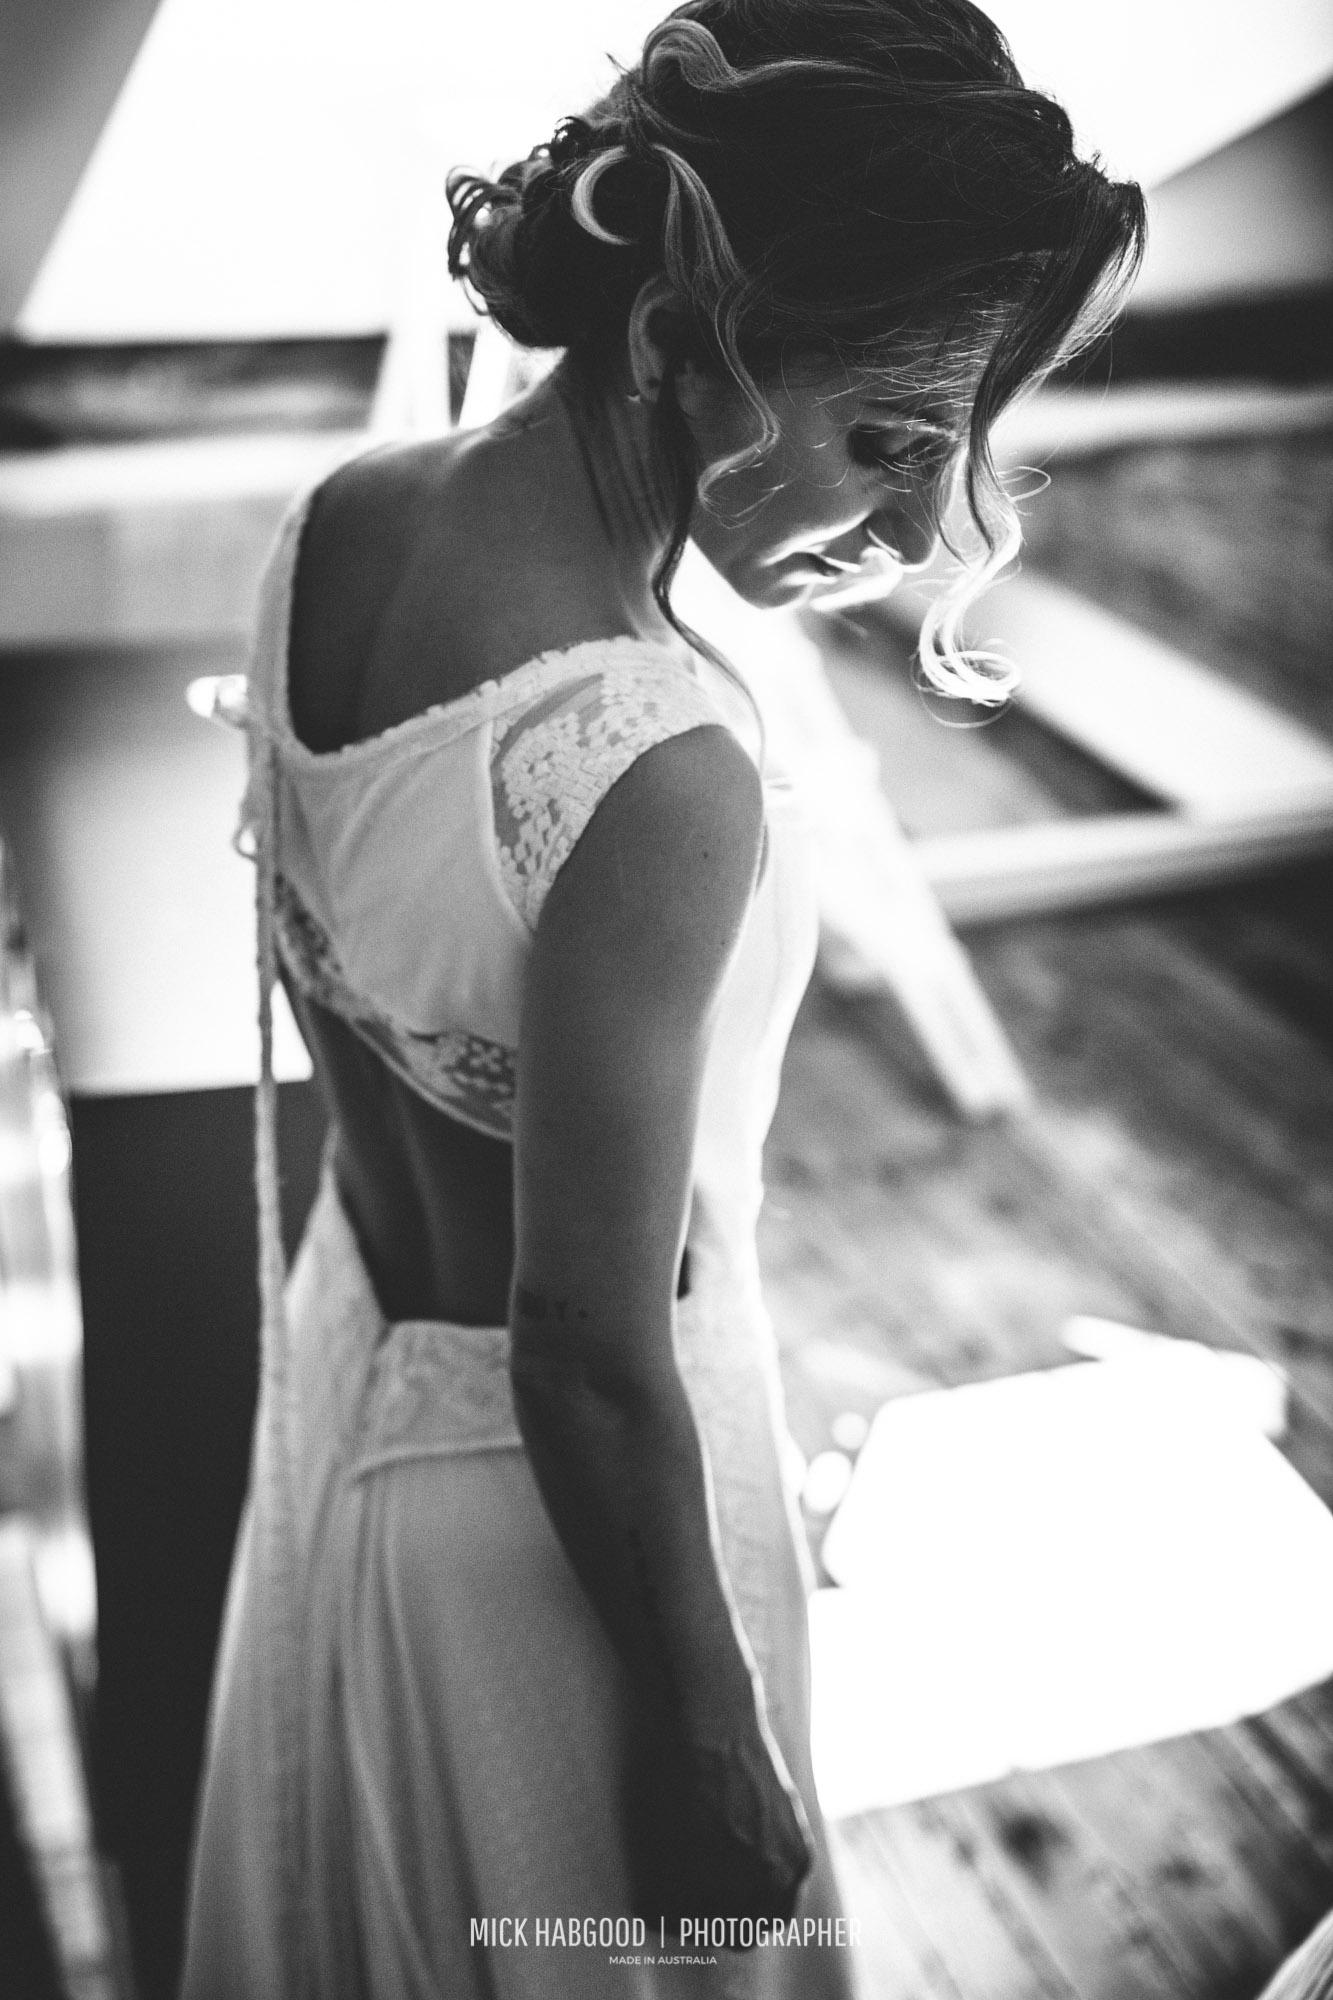 Vestido NOVELLE - Vanessa & Iñaki, 2017. Mick Habgood Photographer.